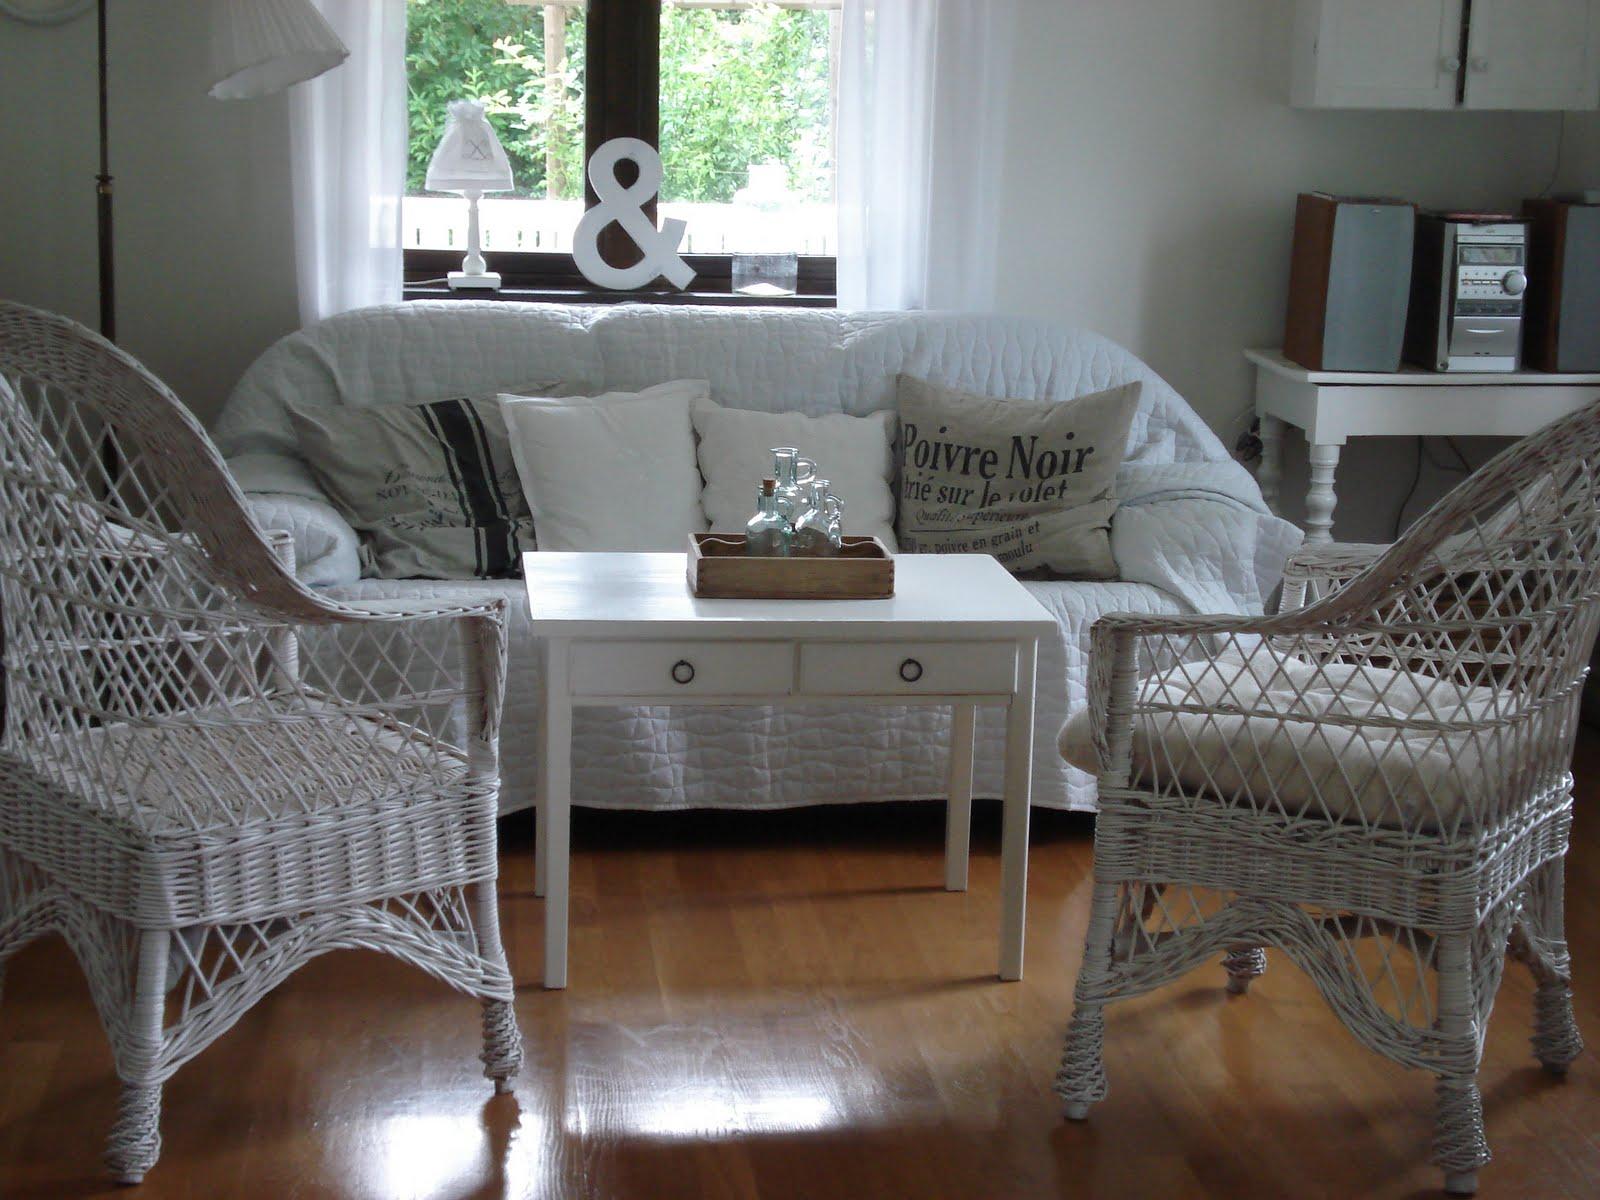 Syster vit: Snart kommer fönstermålaren